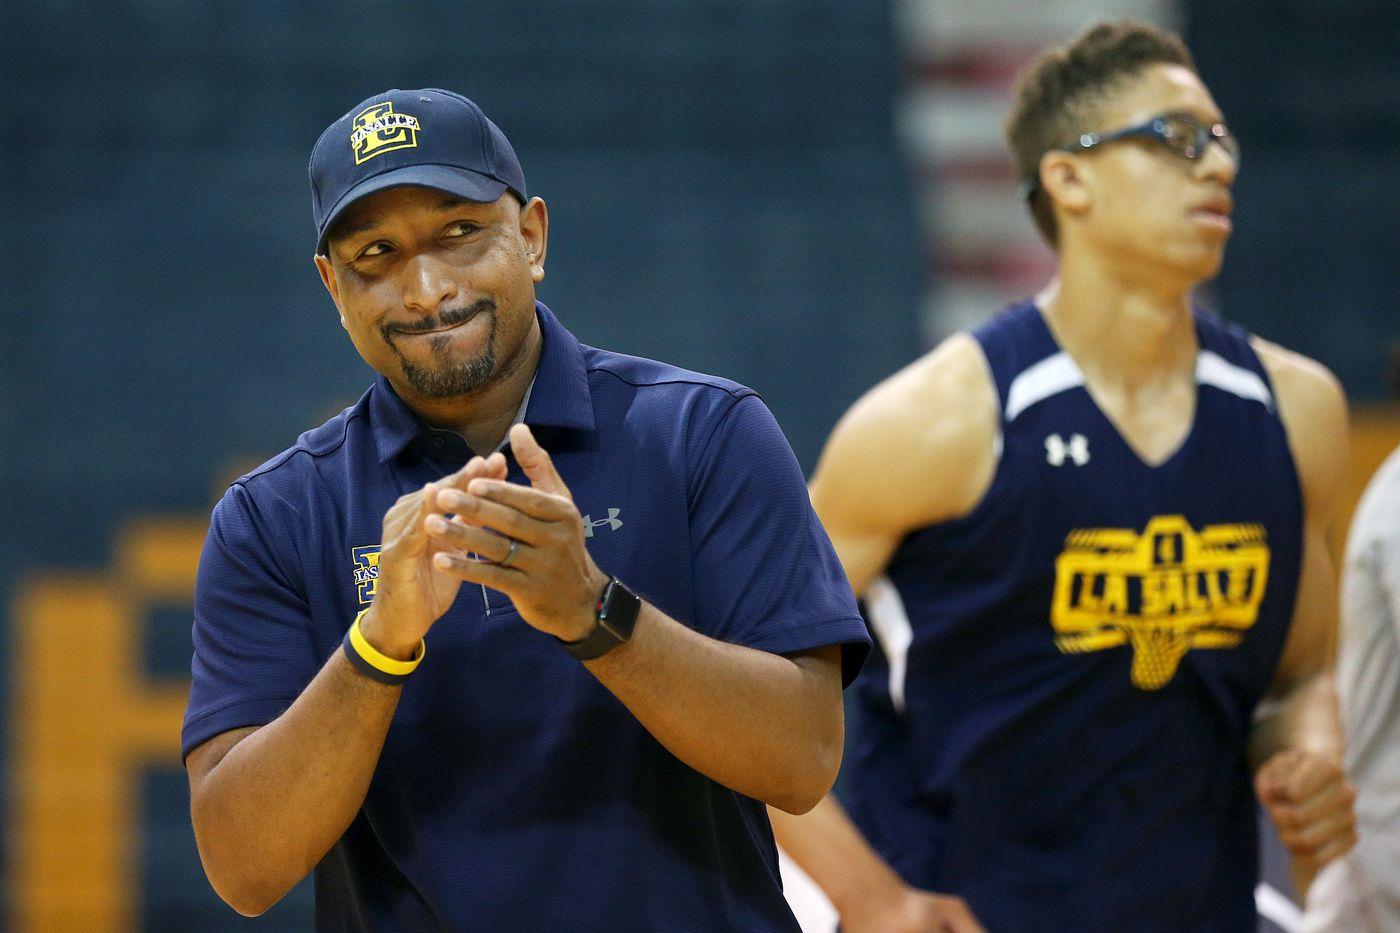 Ashley Howard is settling in as La Salle basketball coach